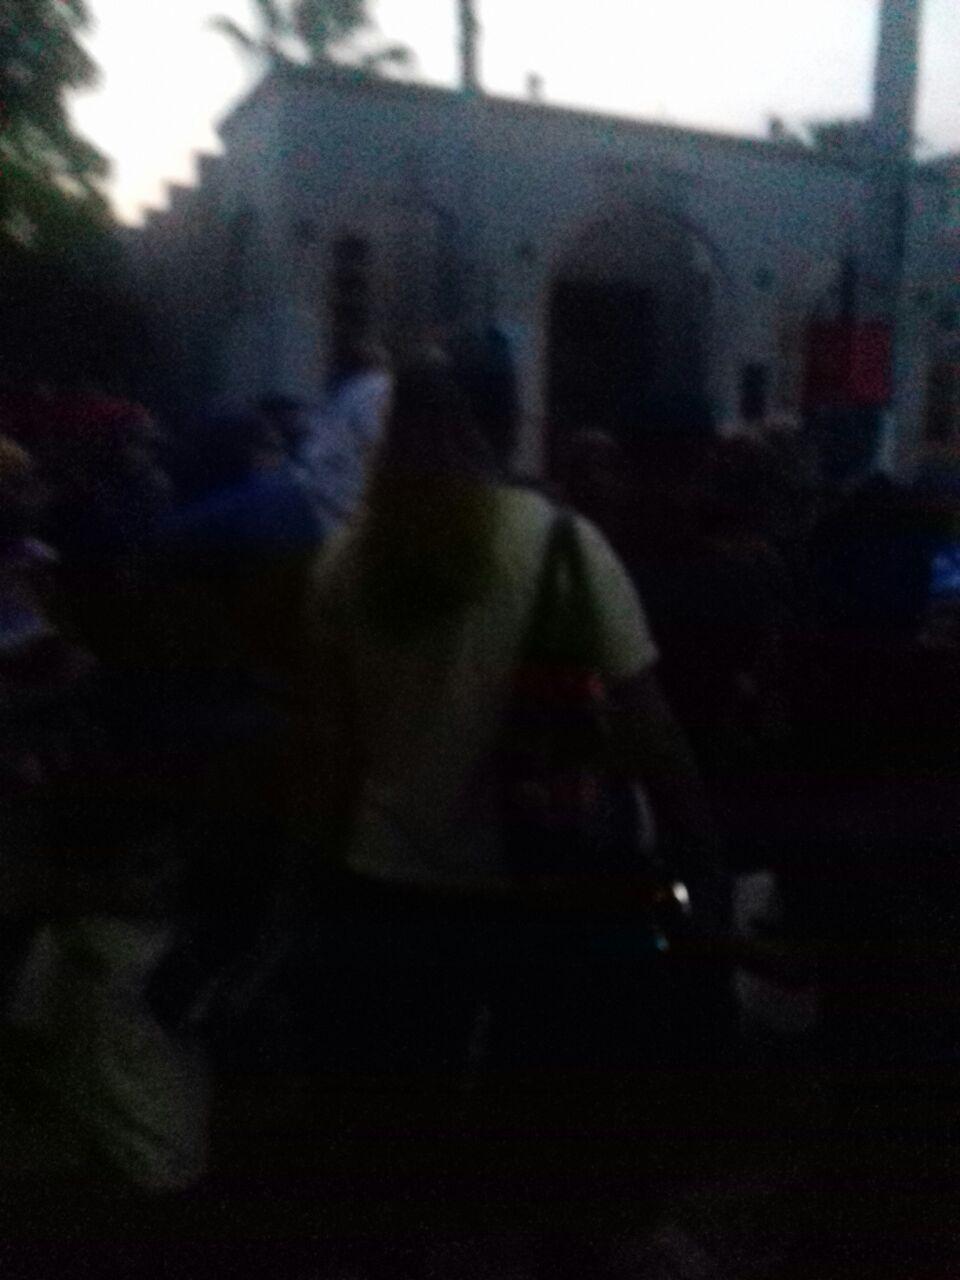 رغم قطع الكهرباء.. أولياء أمور تلاميذ «كي جي 2» يواصلون احتجاجاتهم في «تعليم الجيزة»